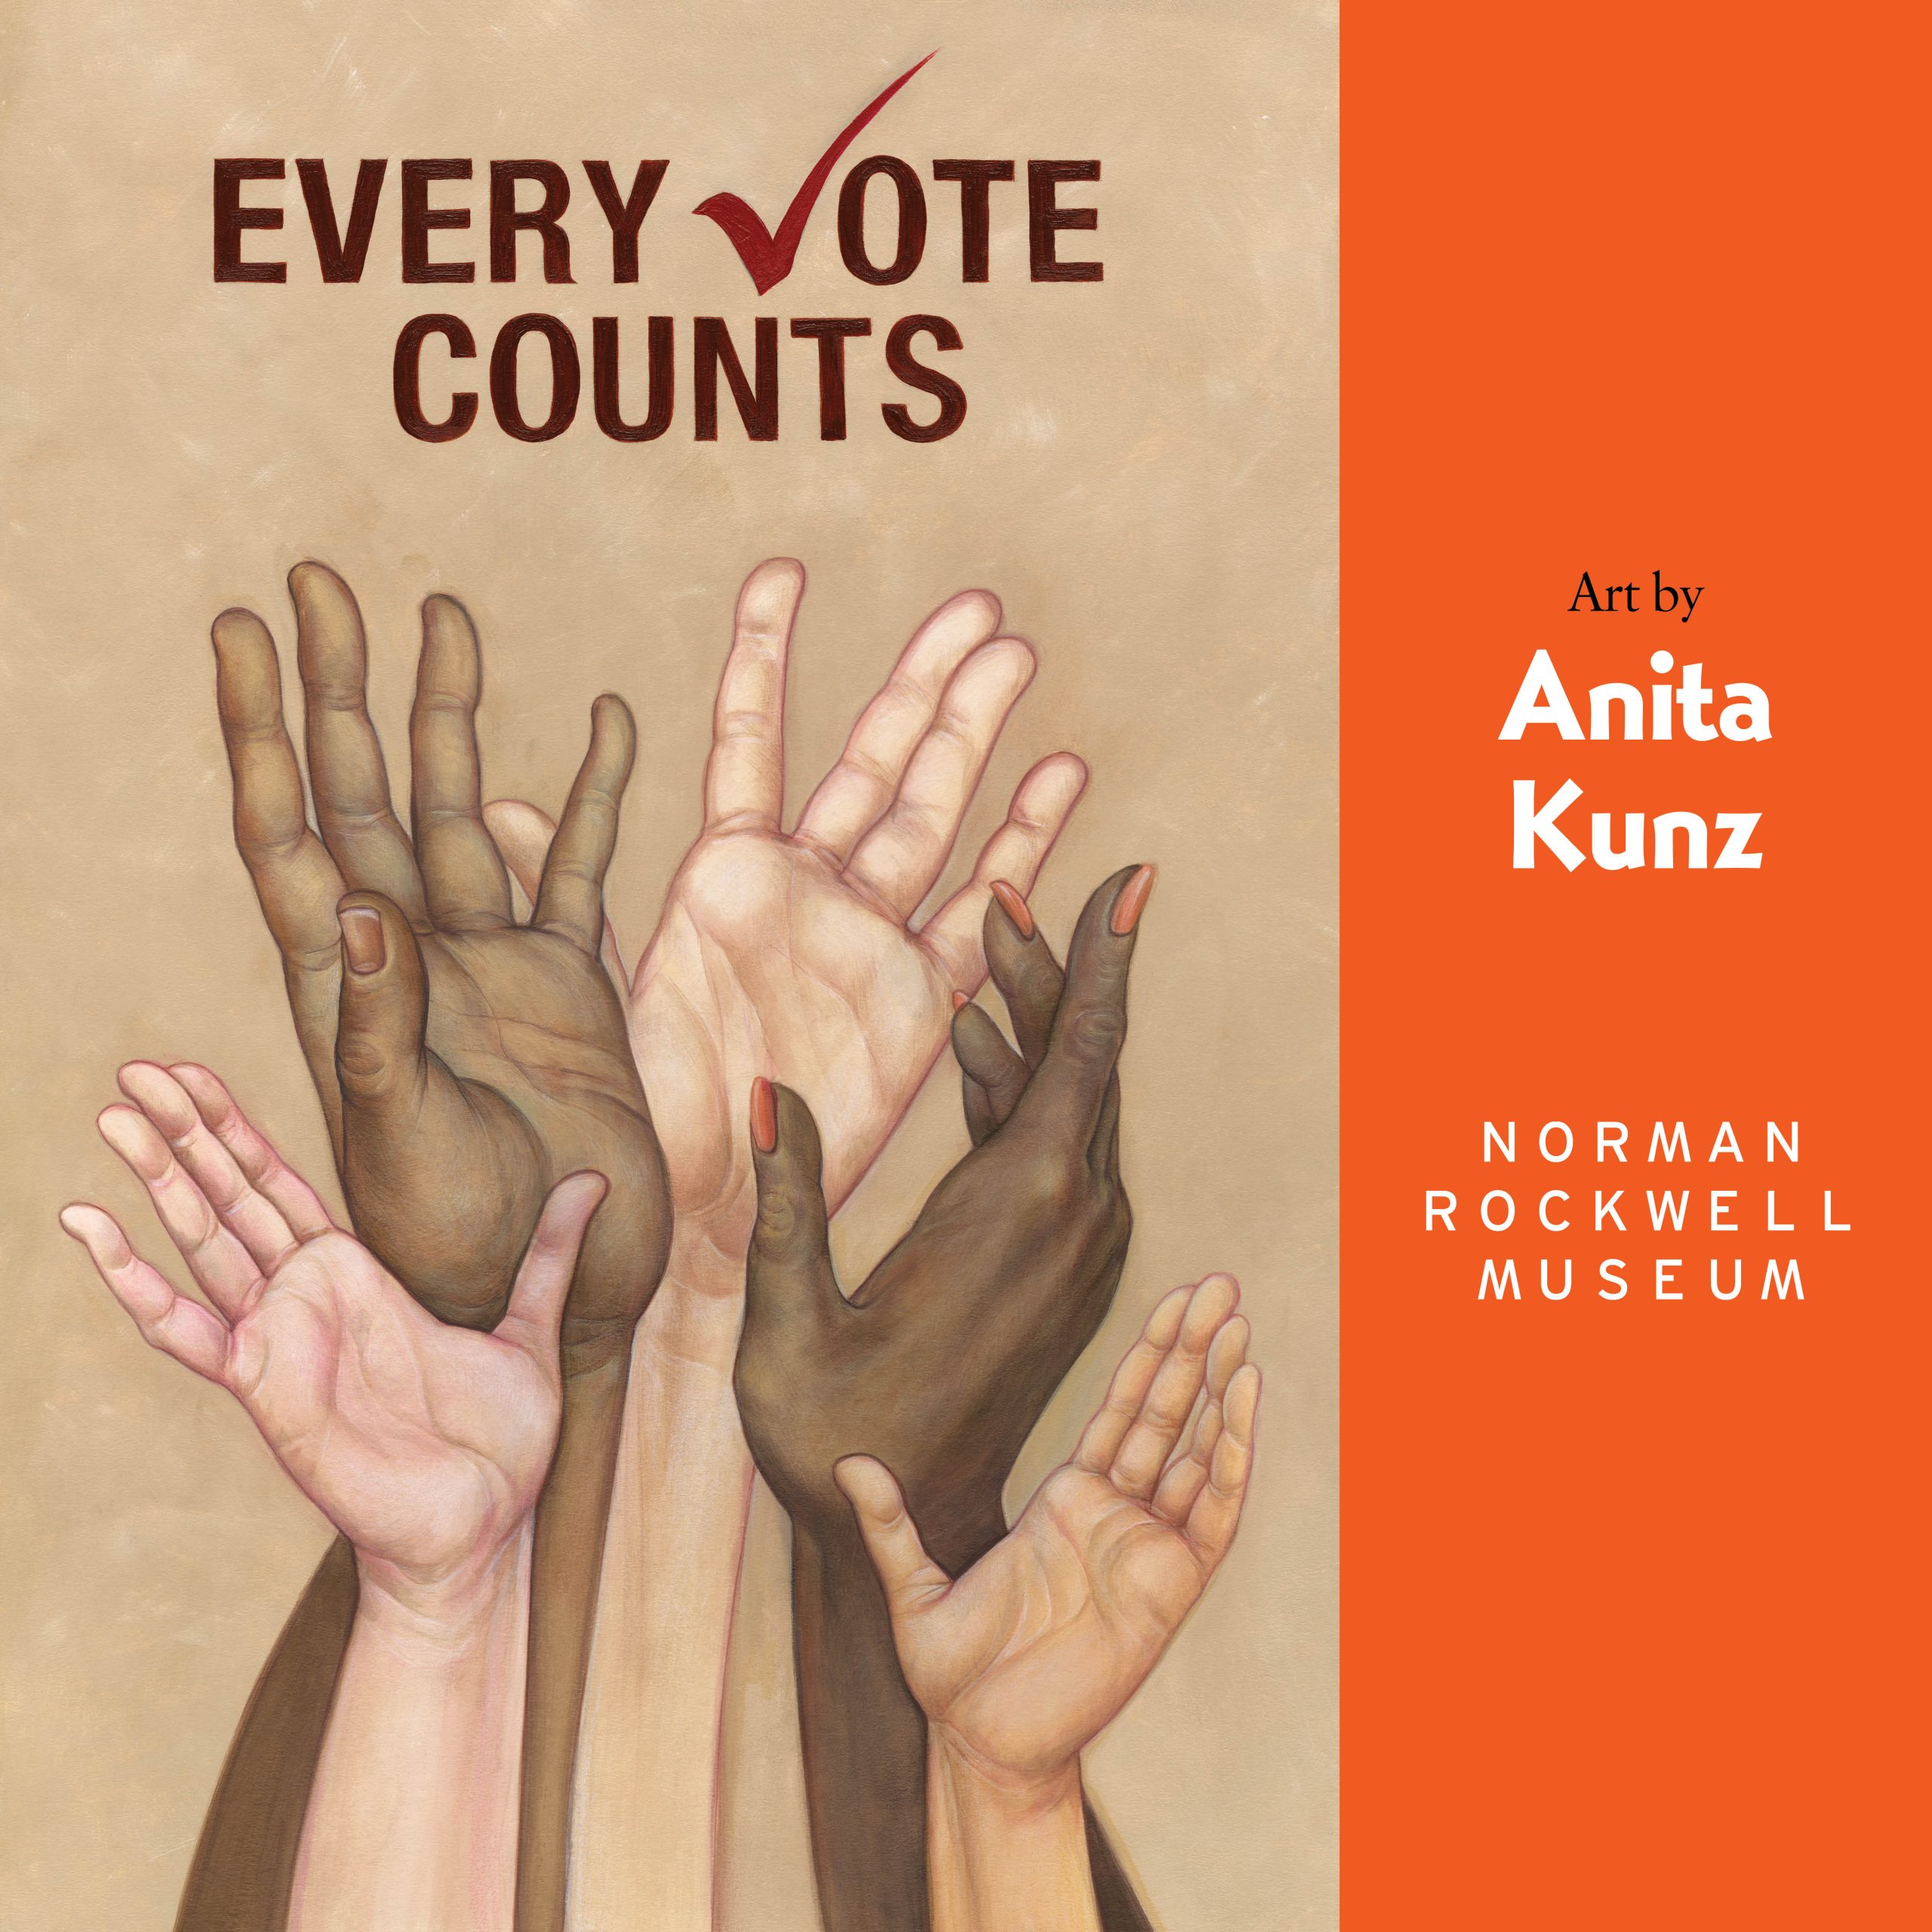 Anita Kunz: Every Vote Counts